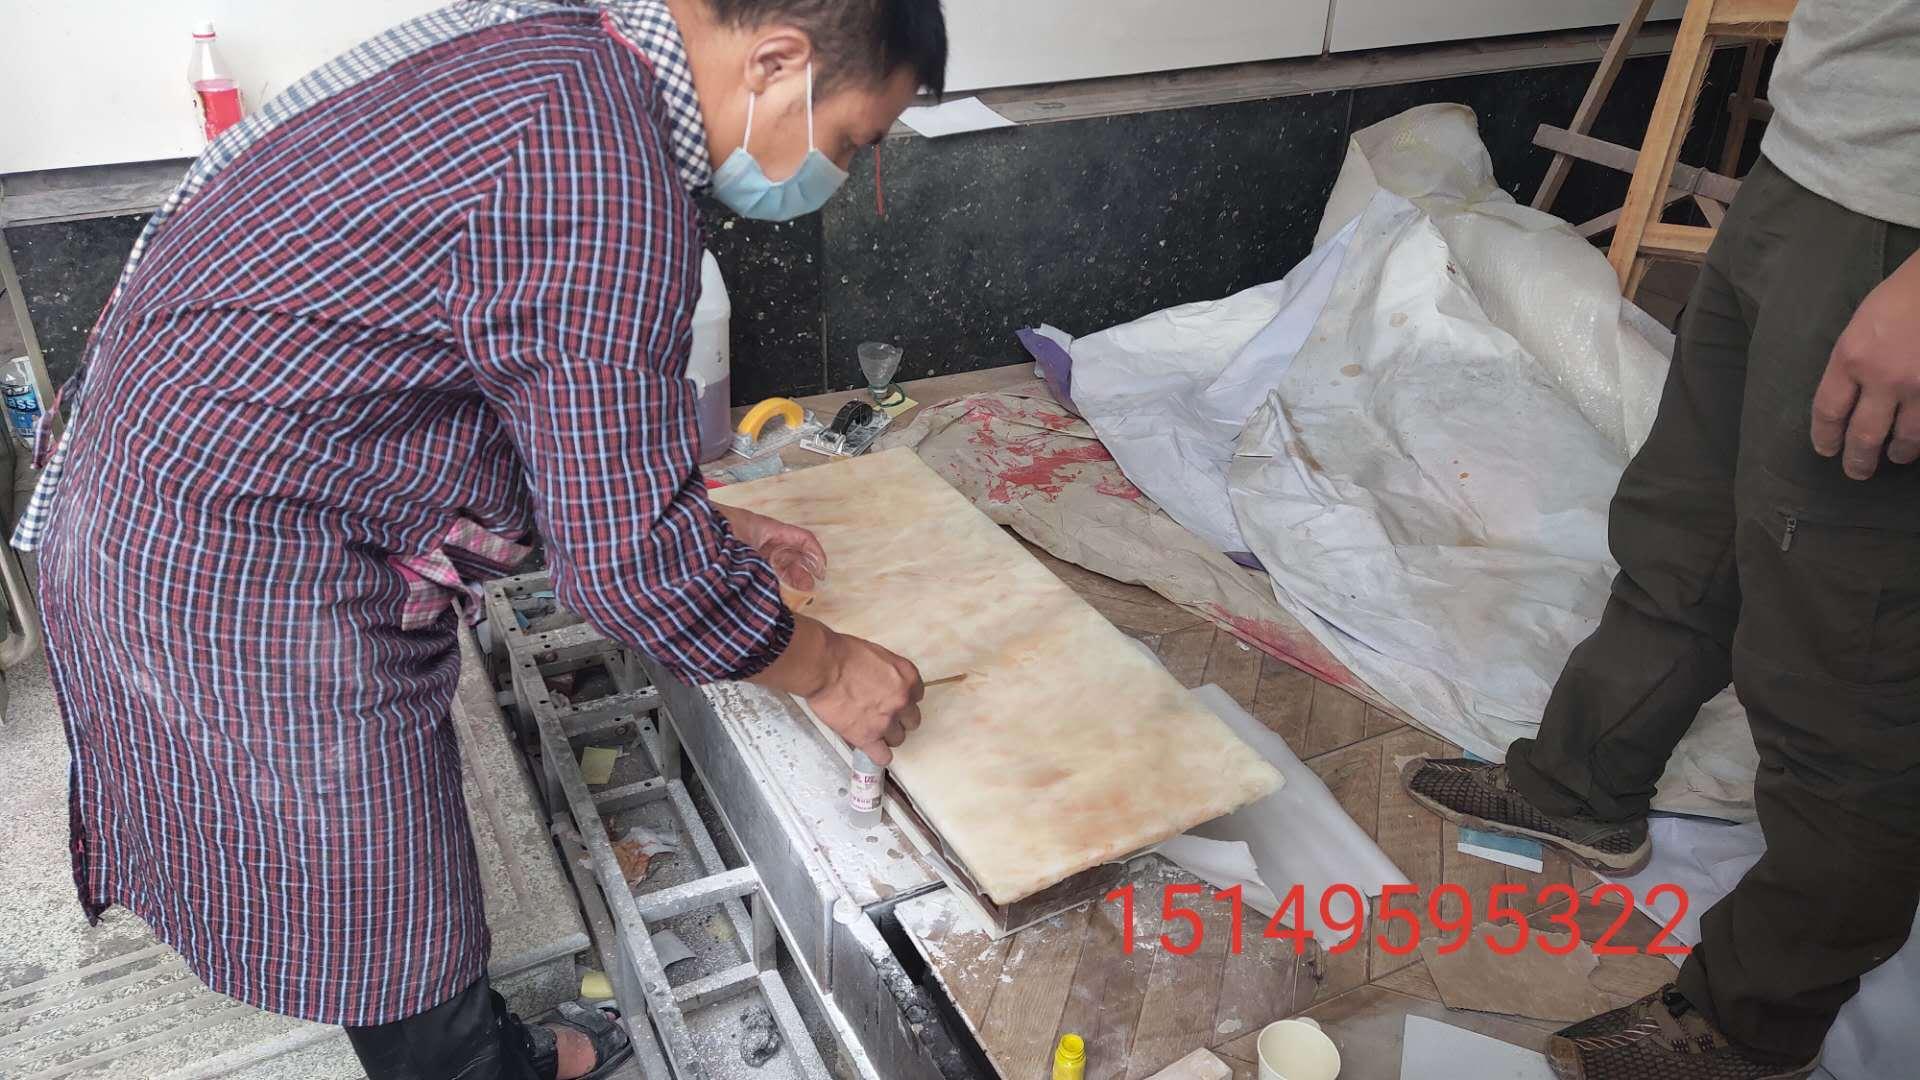 深圳快速上门家具美容的秘密就在于修复师傅的油漆维修高技术(培训学徒)-家具美容网